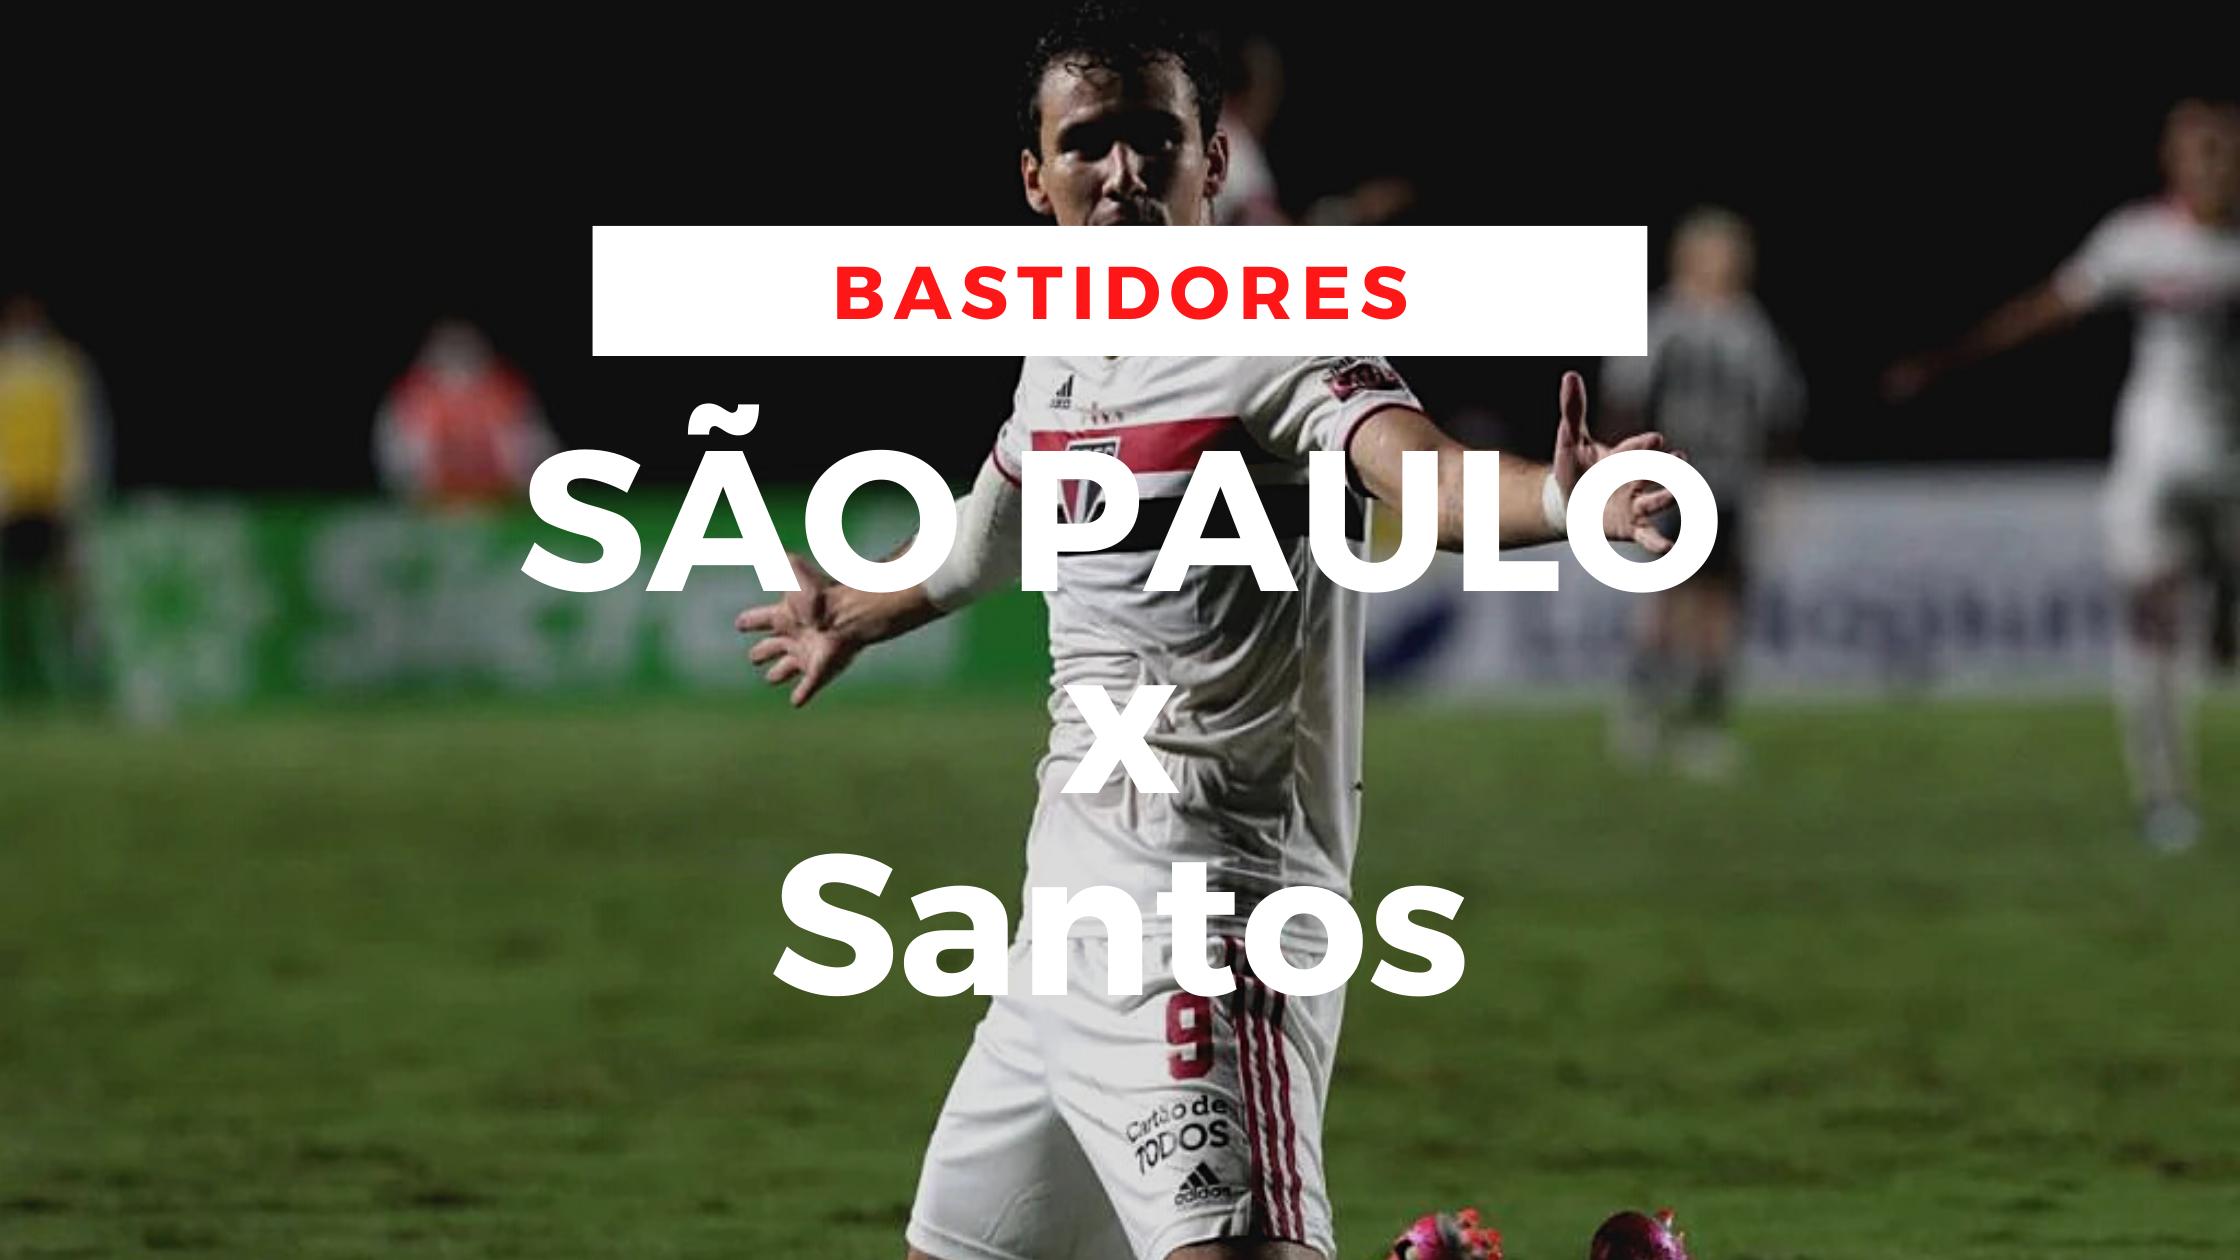 Bastidores - São Paulo x Santos